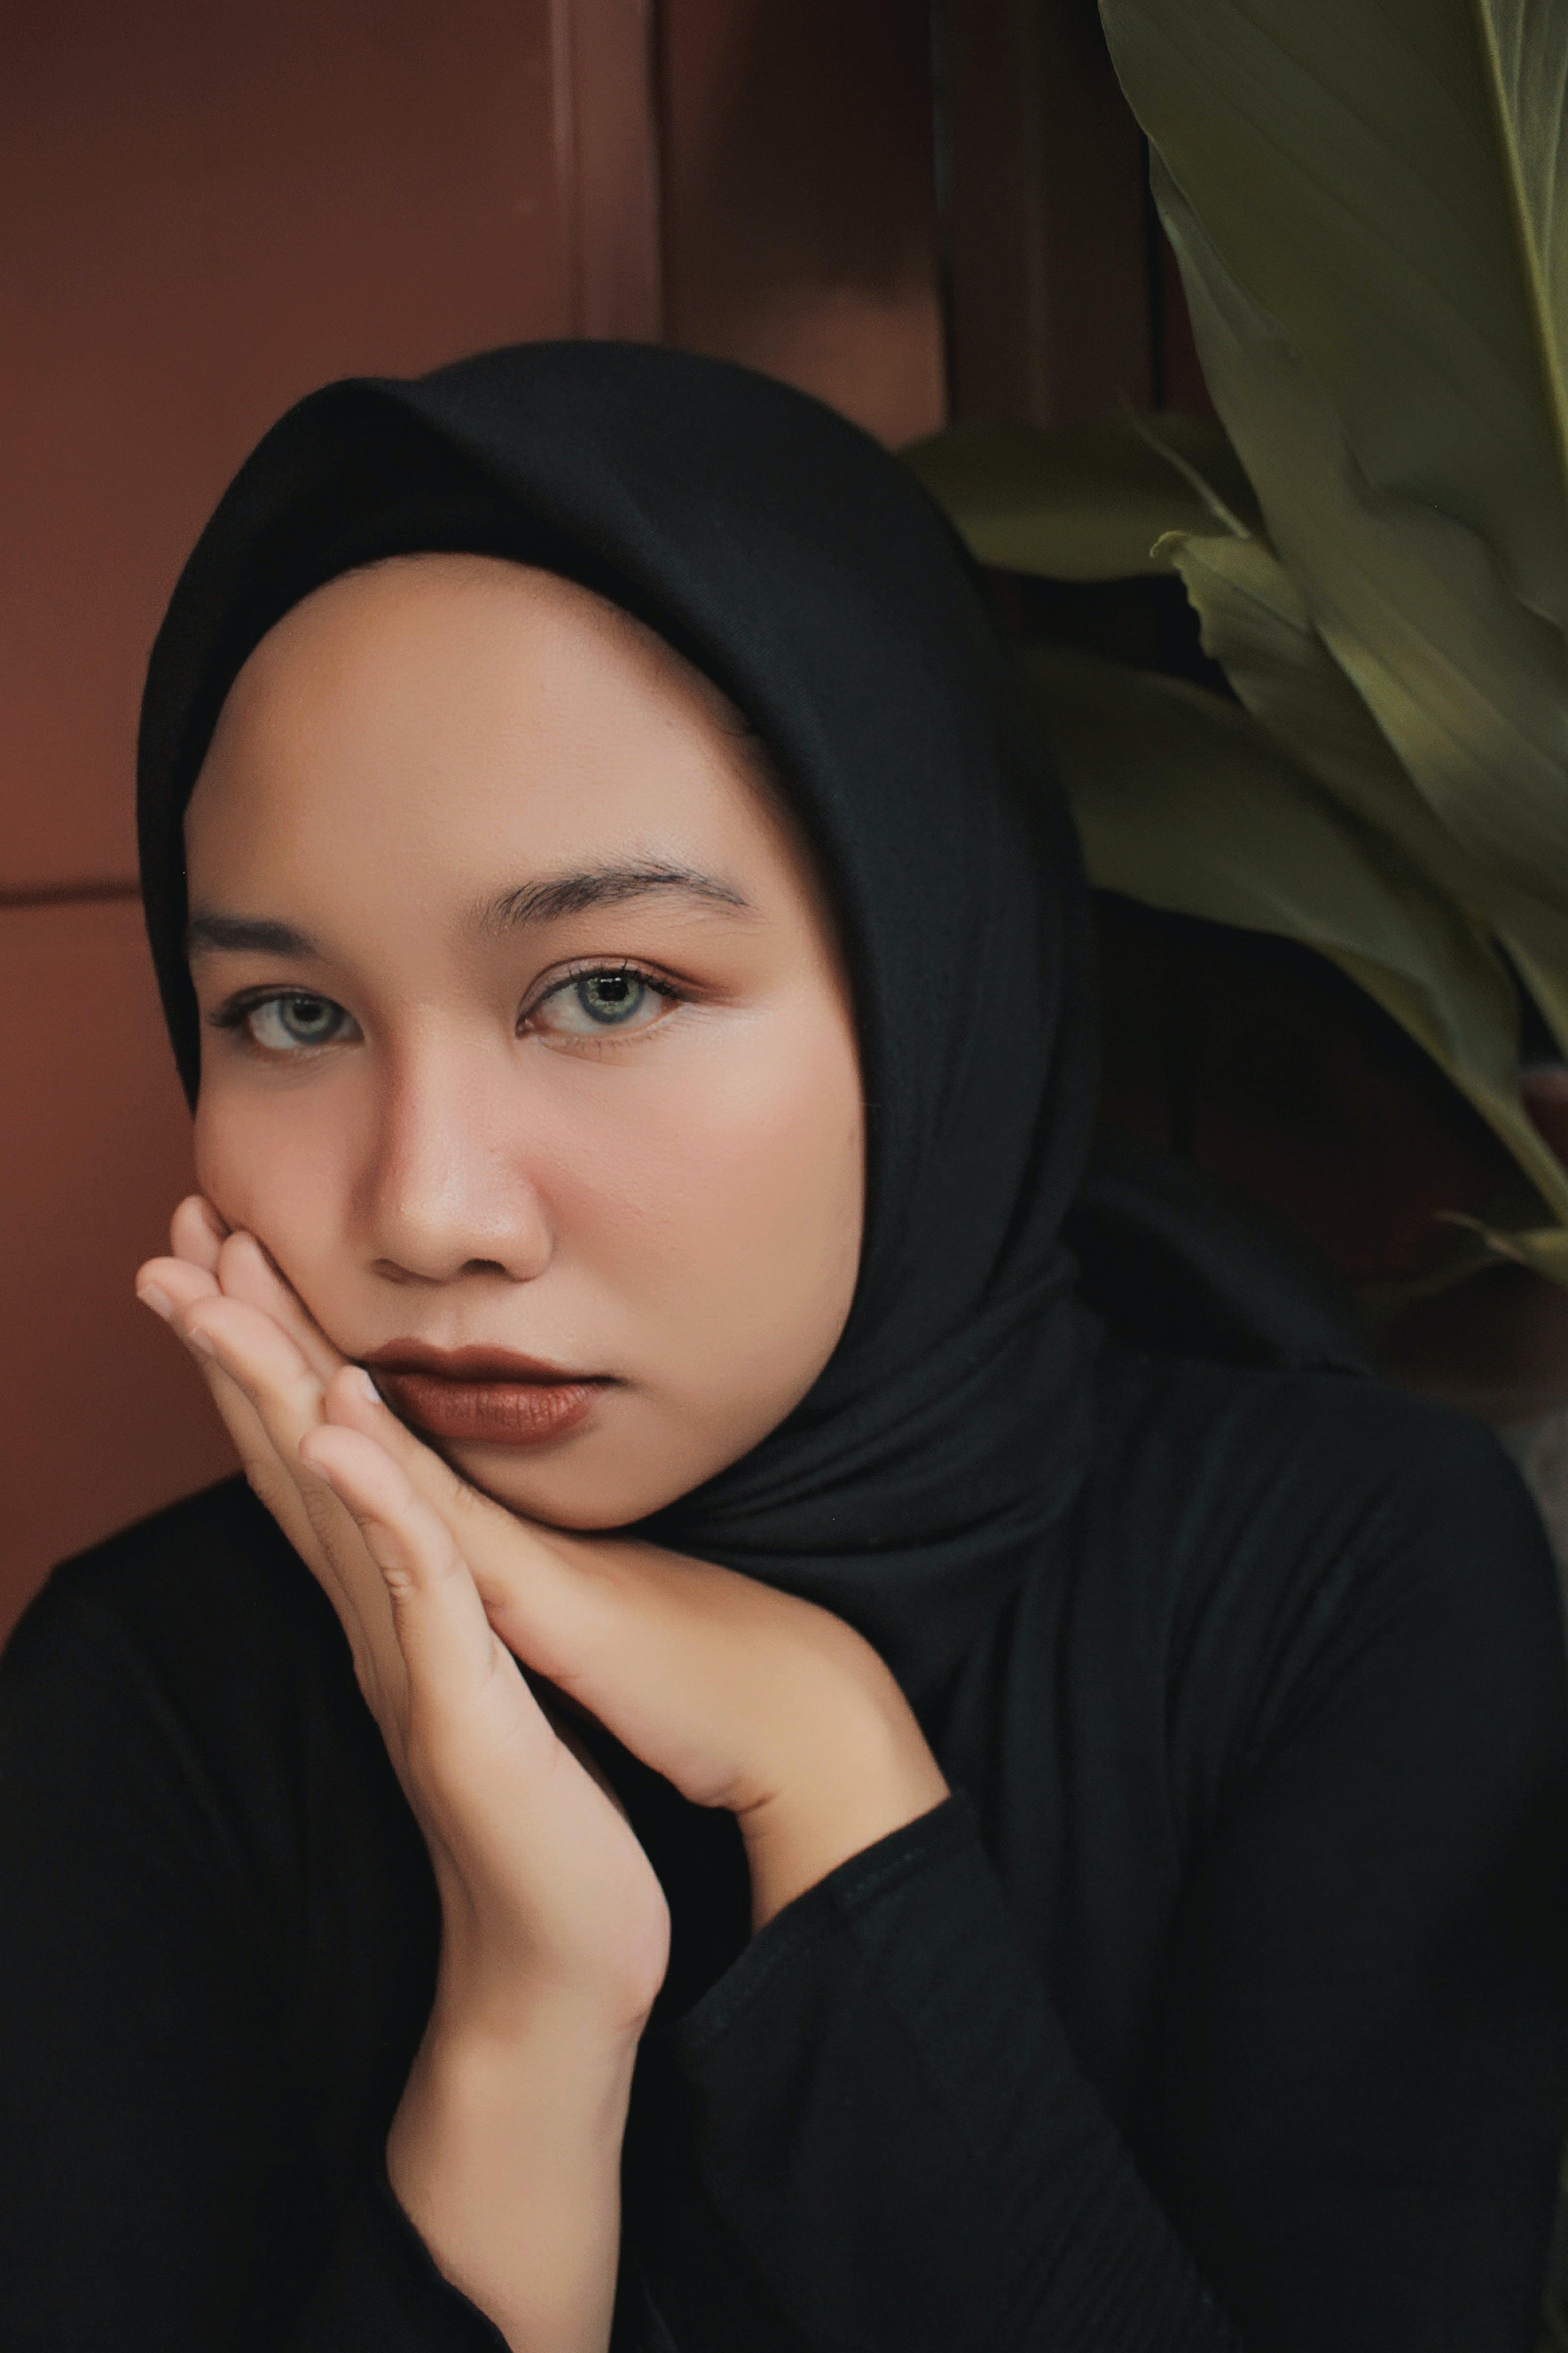 Unknown Celebrity Wearing Black Hijab Headdress